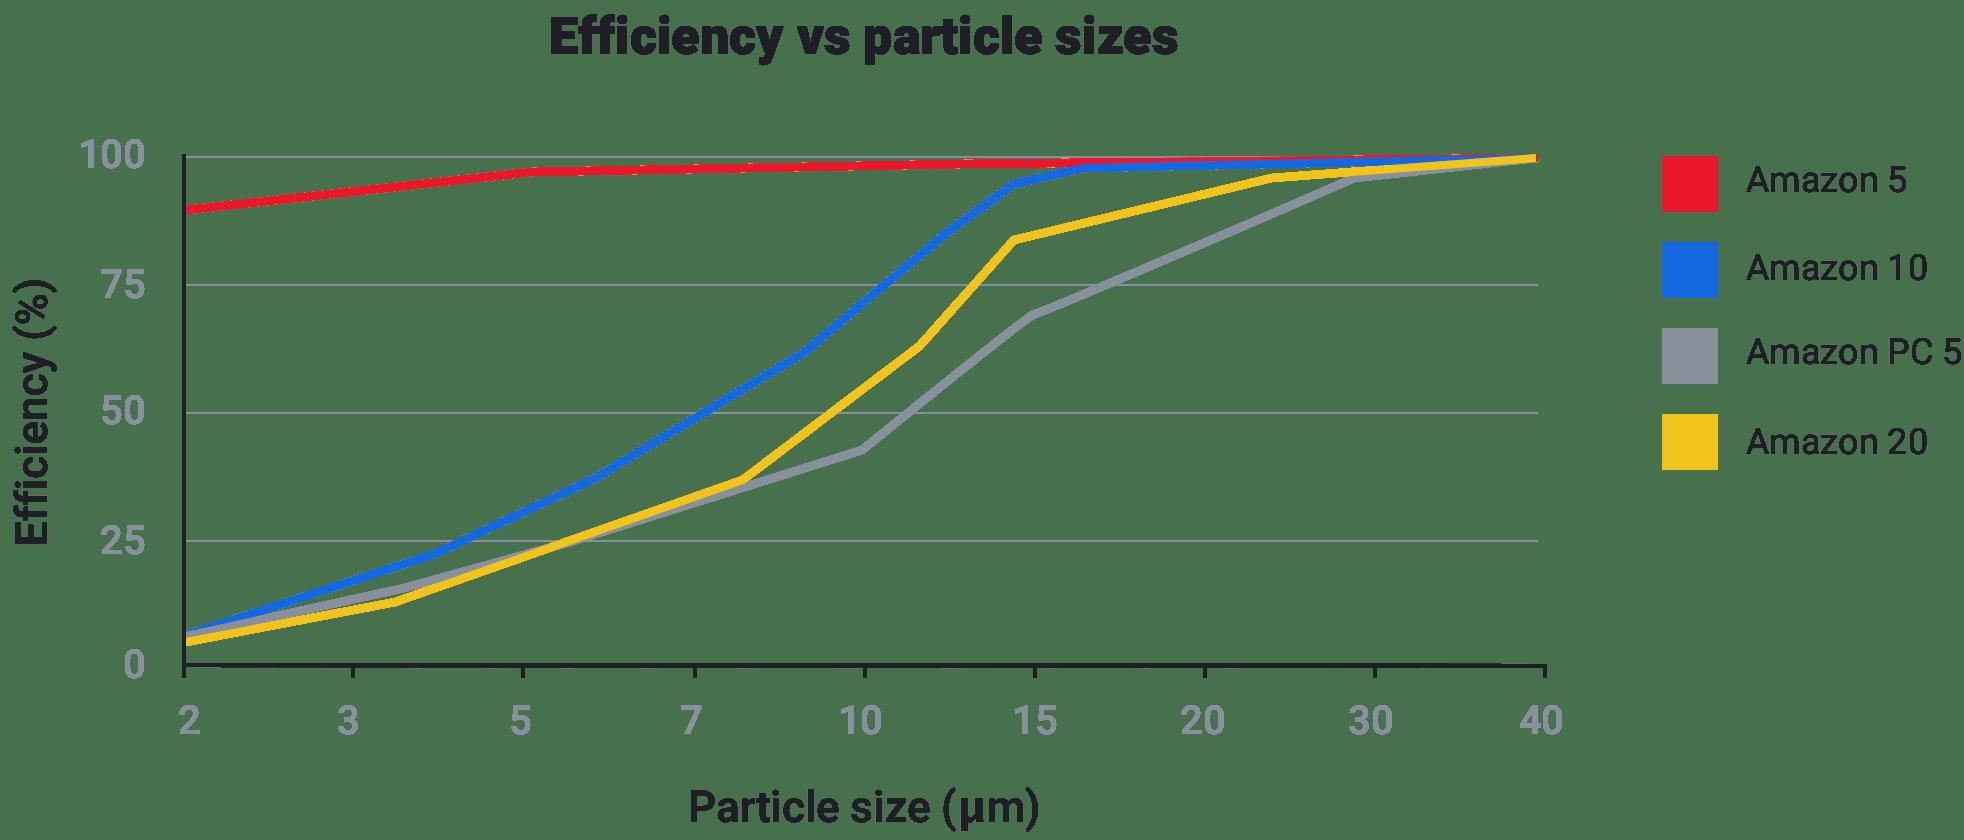 efficiency-vs-particle-sizes